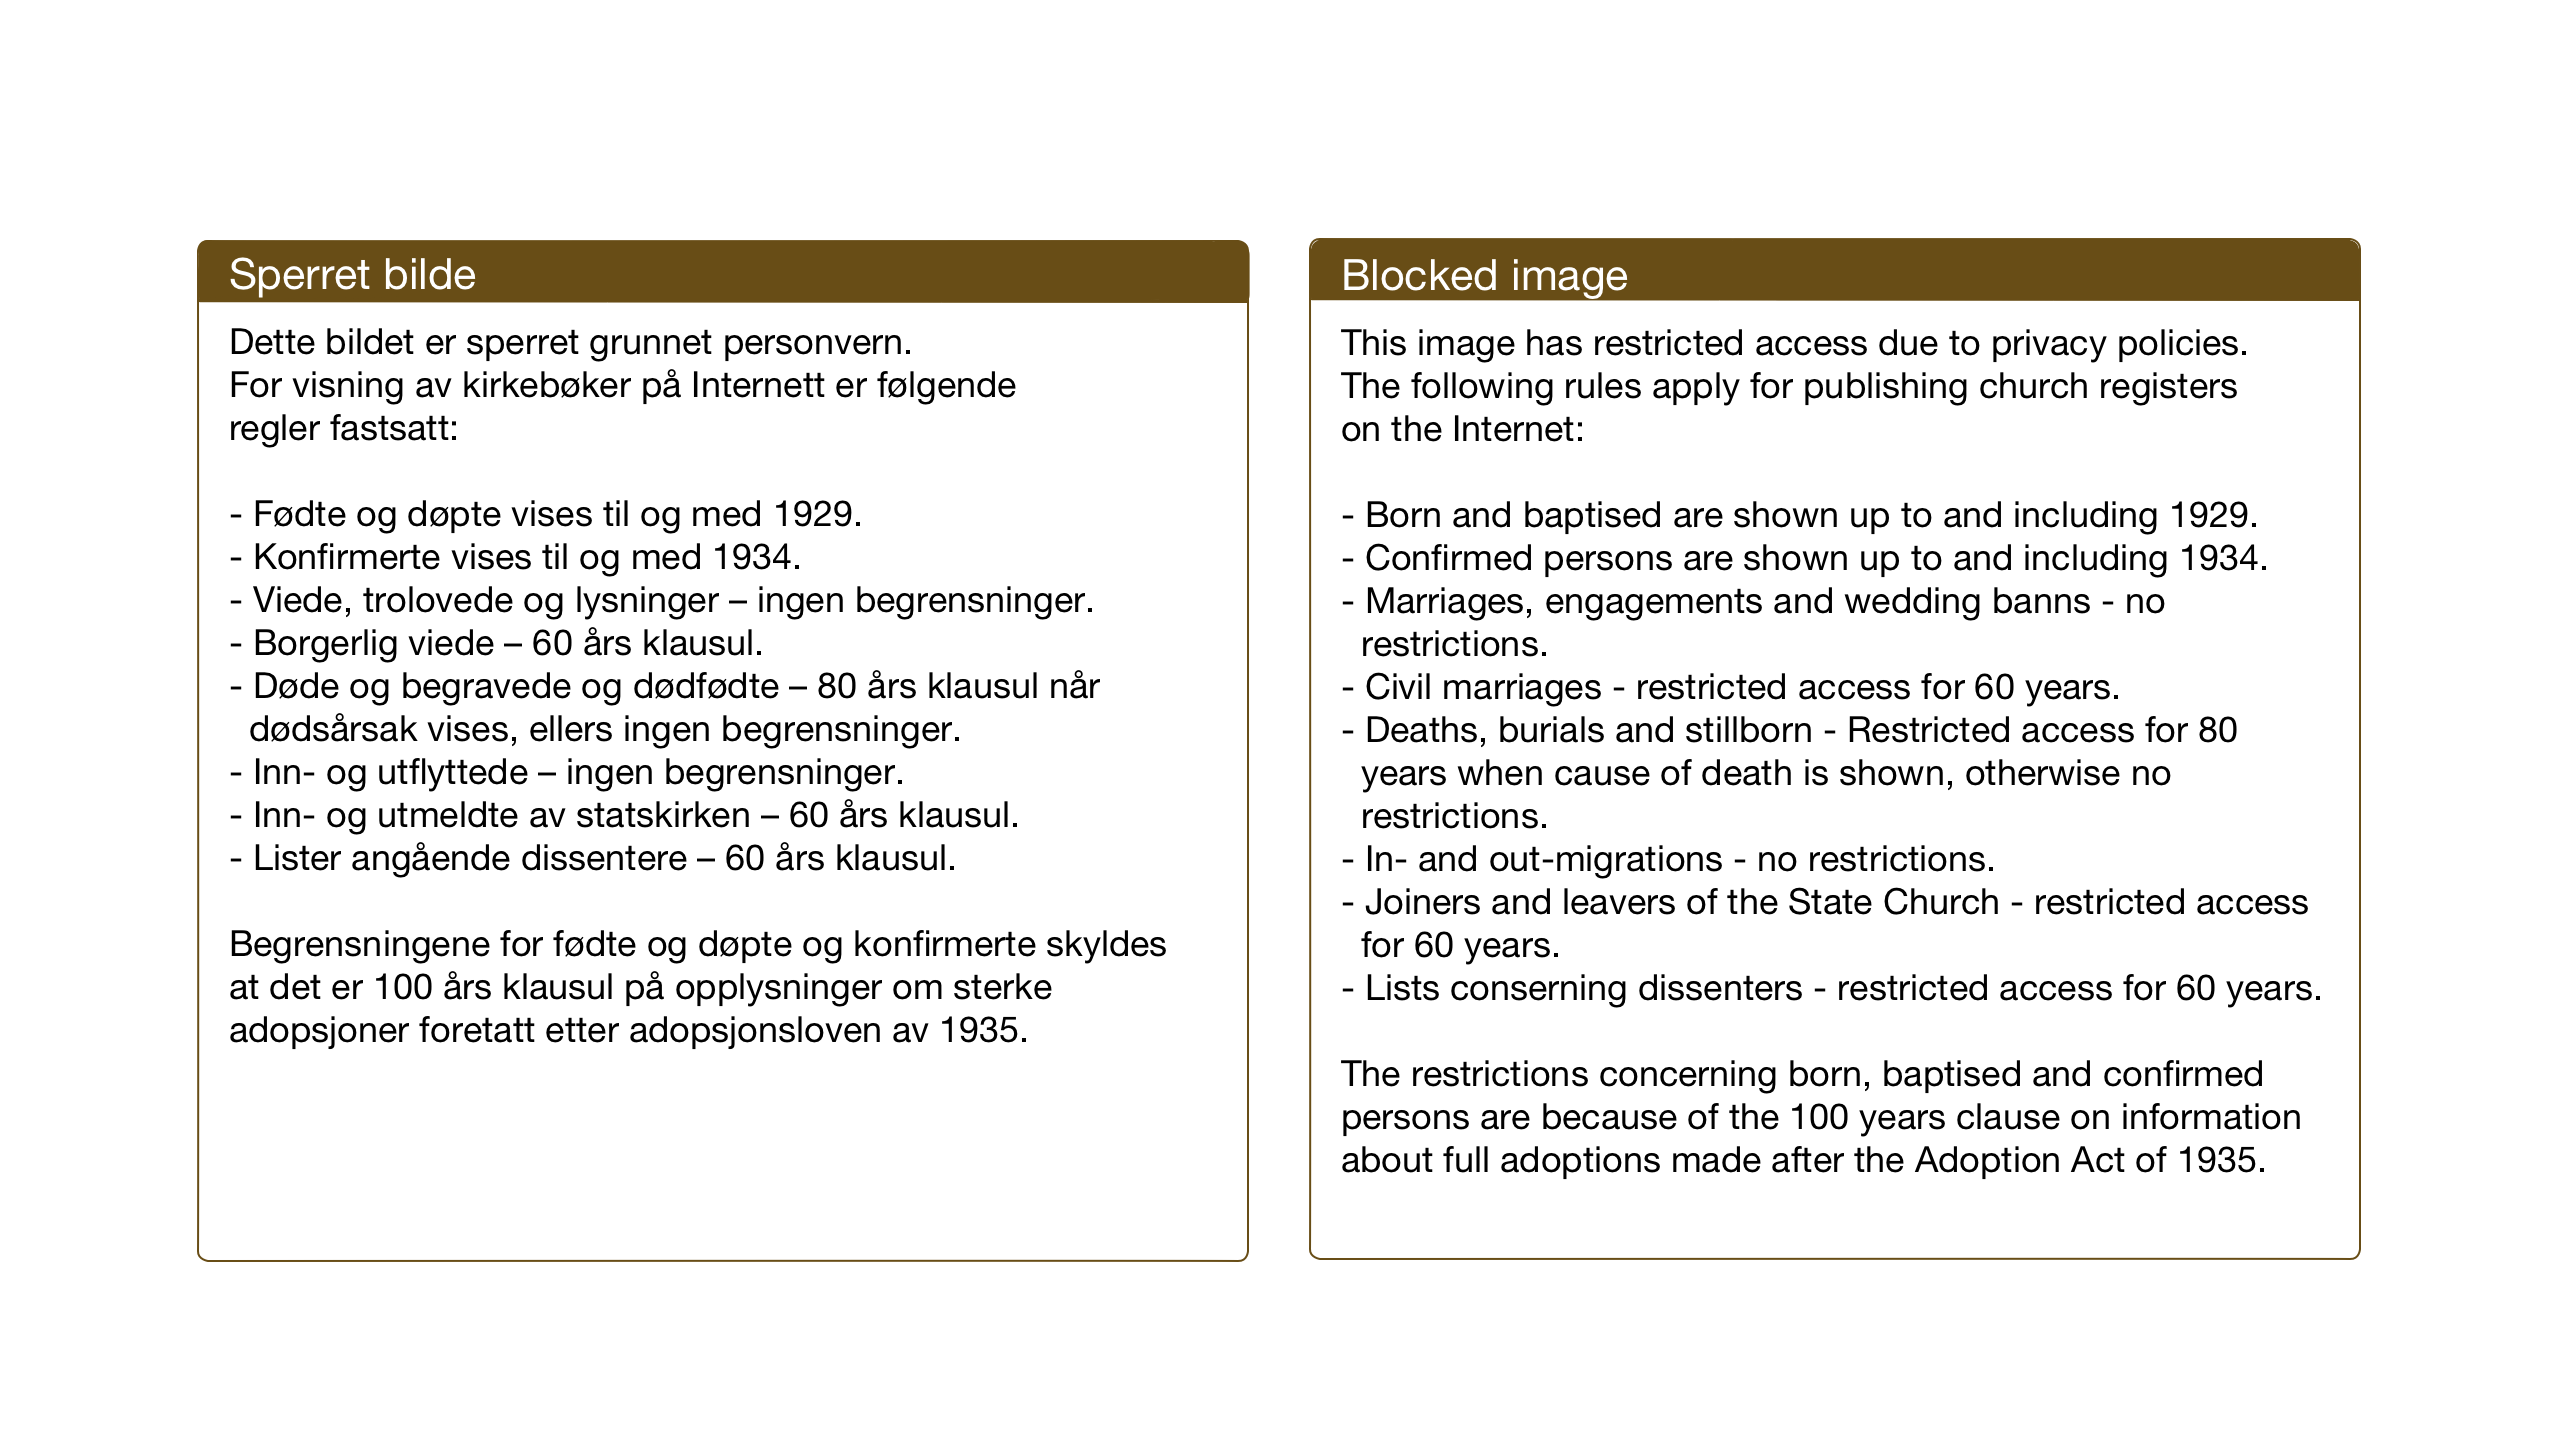 SAT, Ministerialprotokoller, klokkerbøker og fødselsregistre - Nord-Trøndelag, 755/L0500: Klokkerbok nr. 755C01, 1920-1962, s. 60